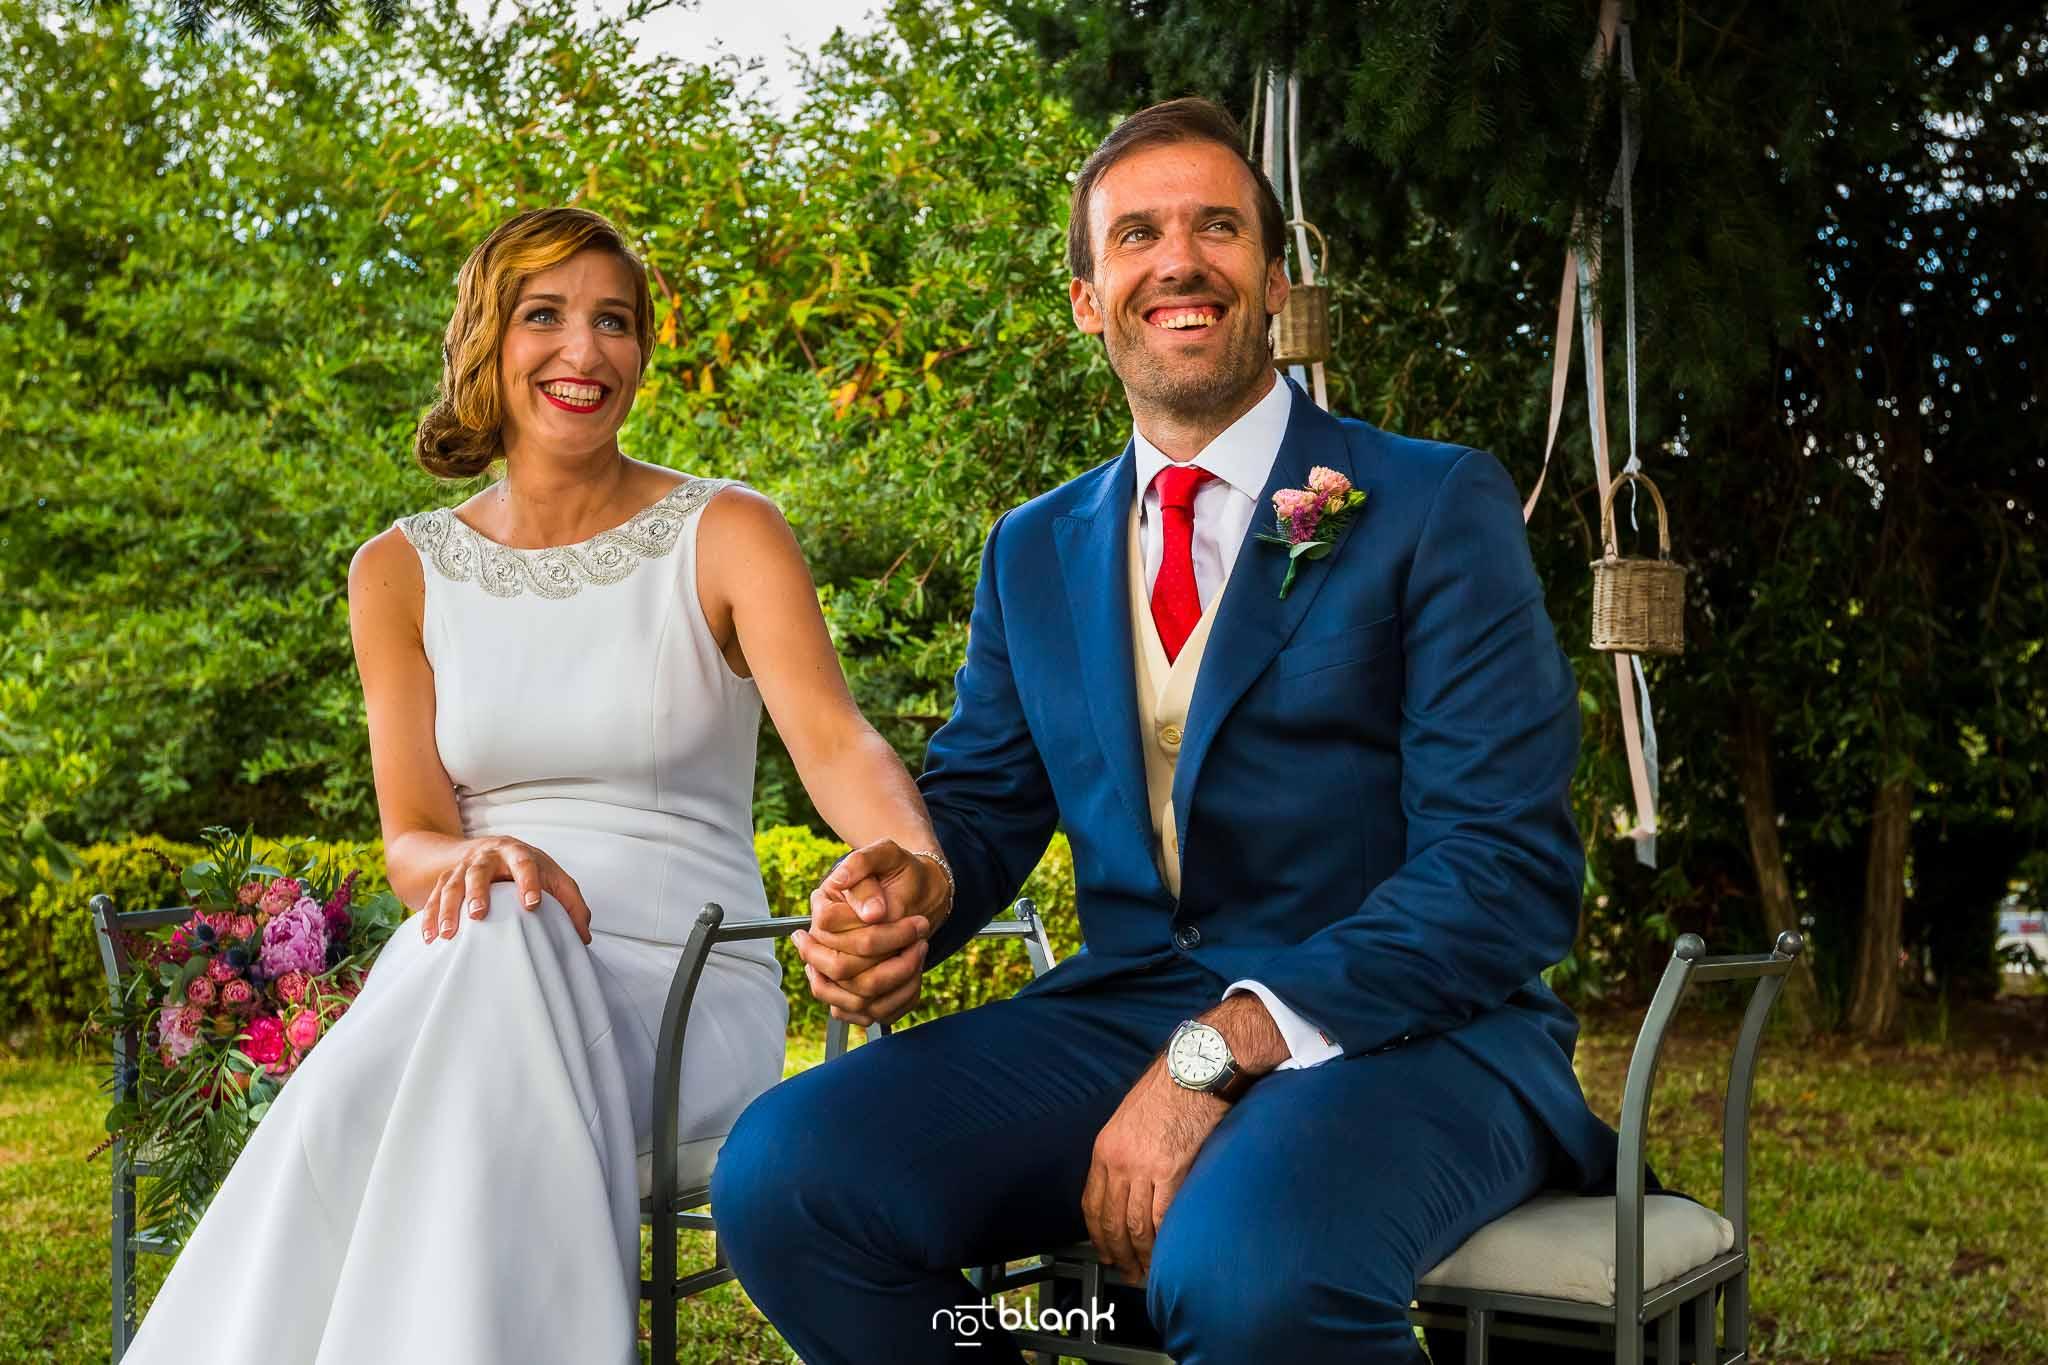 Boda En El Jardin De Casa Jana y Fran - Los novios sonrien y se cogen las manos durante la ceremonia civil - Notblank Fotografos de boda